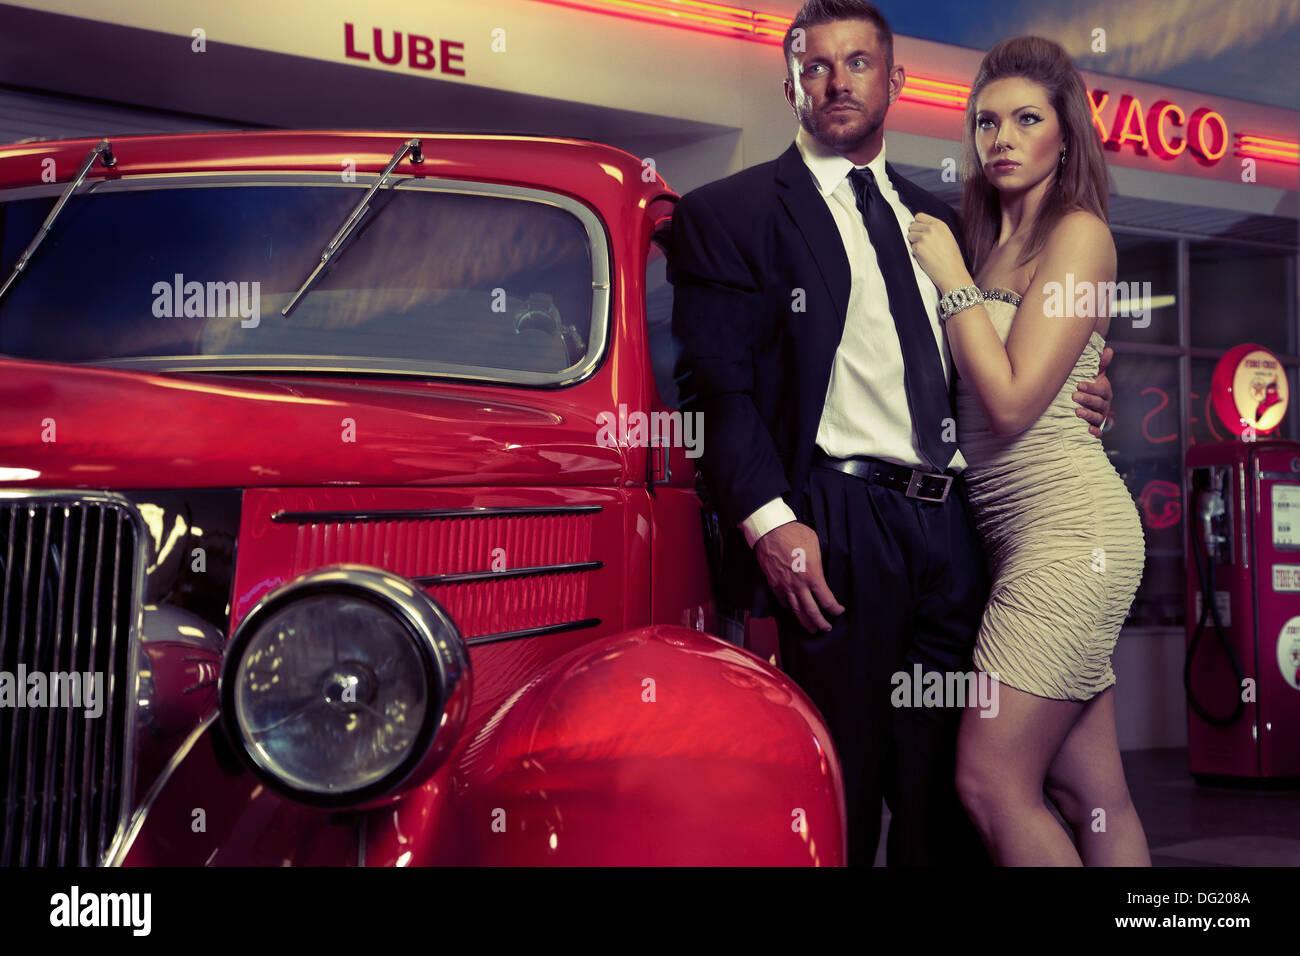 Bien vestidos al hombre y a la mujer junto al antiguo coche rojo en frente de la estación de servicio Imagen De Stock